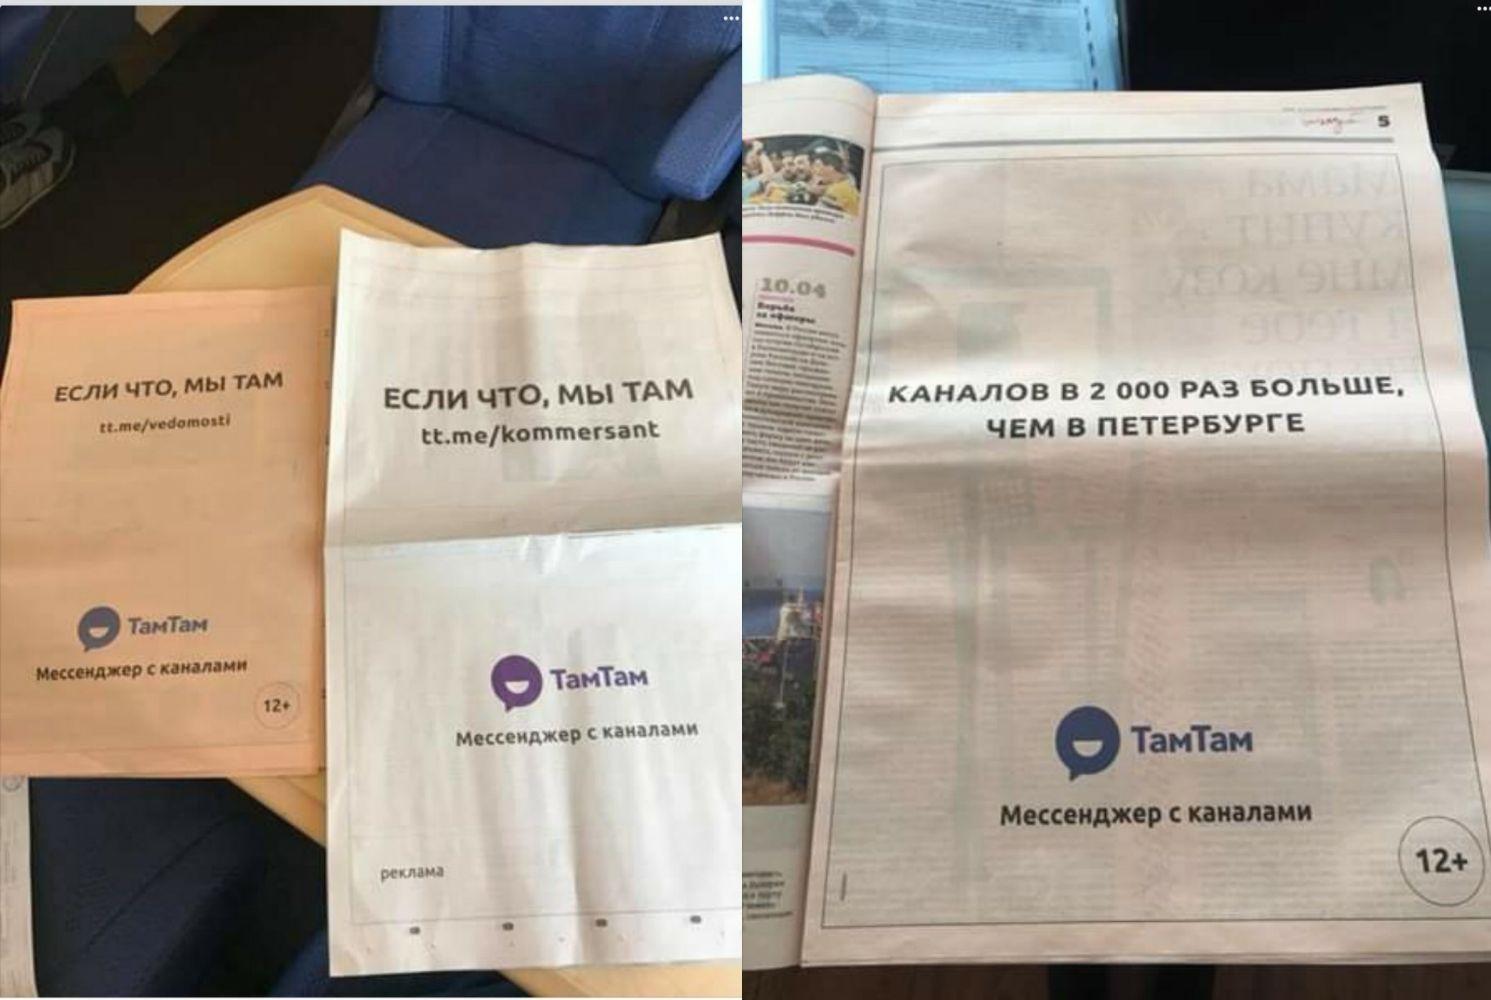 TamTam se publicita en periódicos Rusos